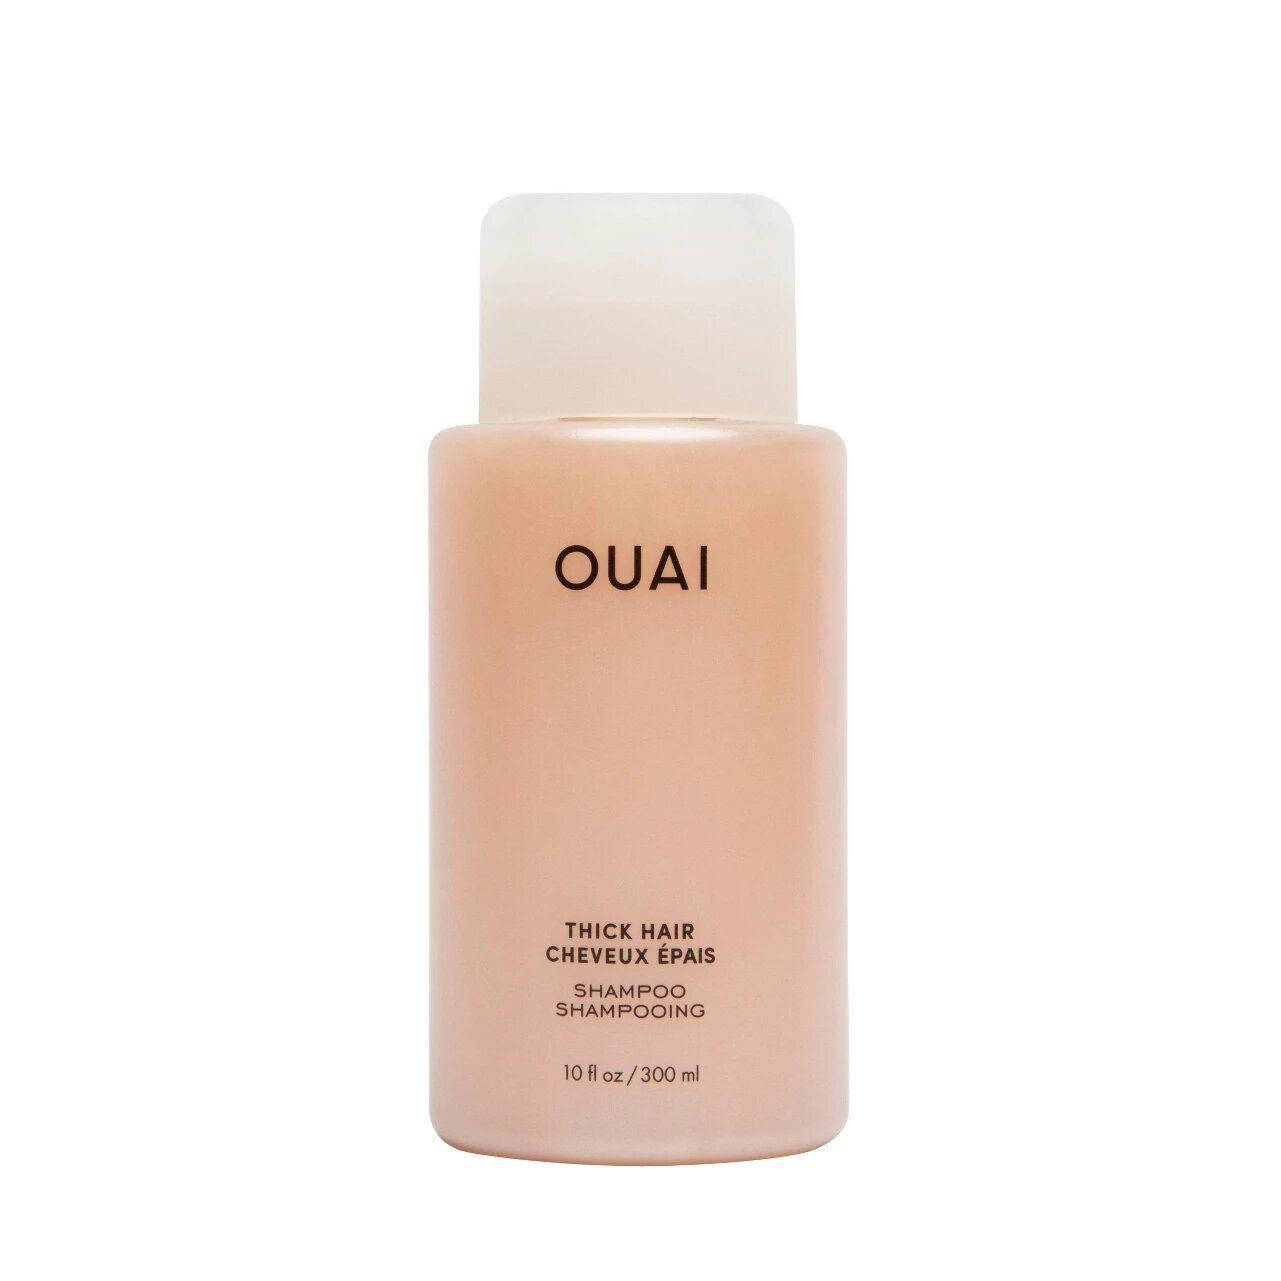 OUAI Thick Hair Shampoo